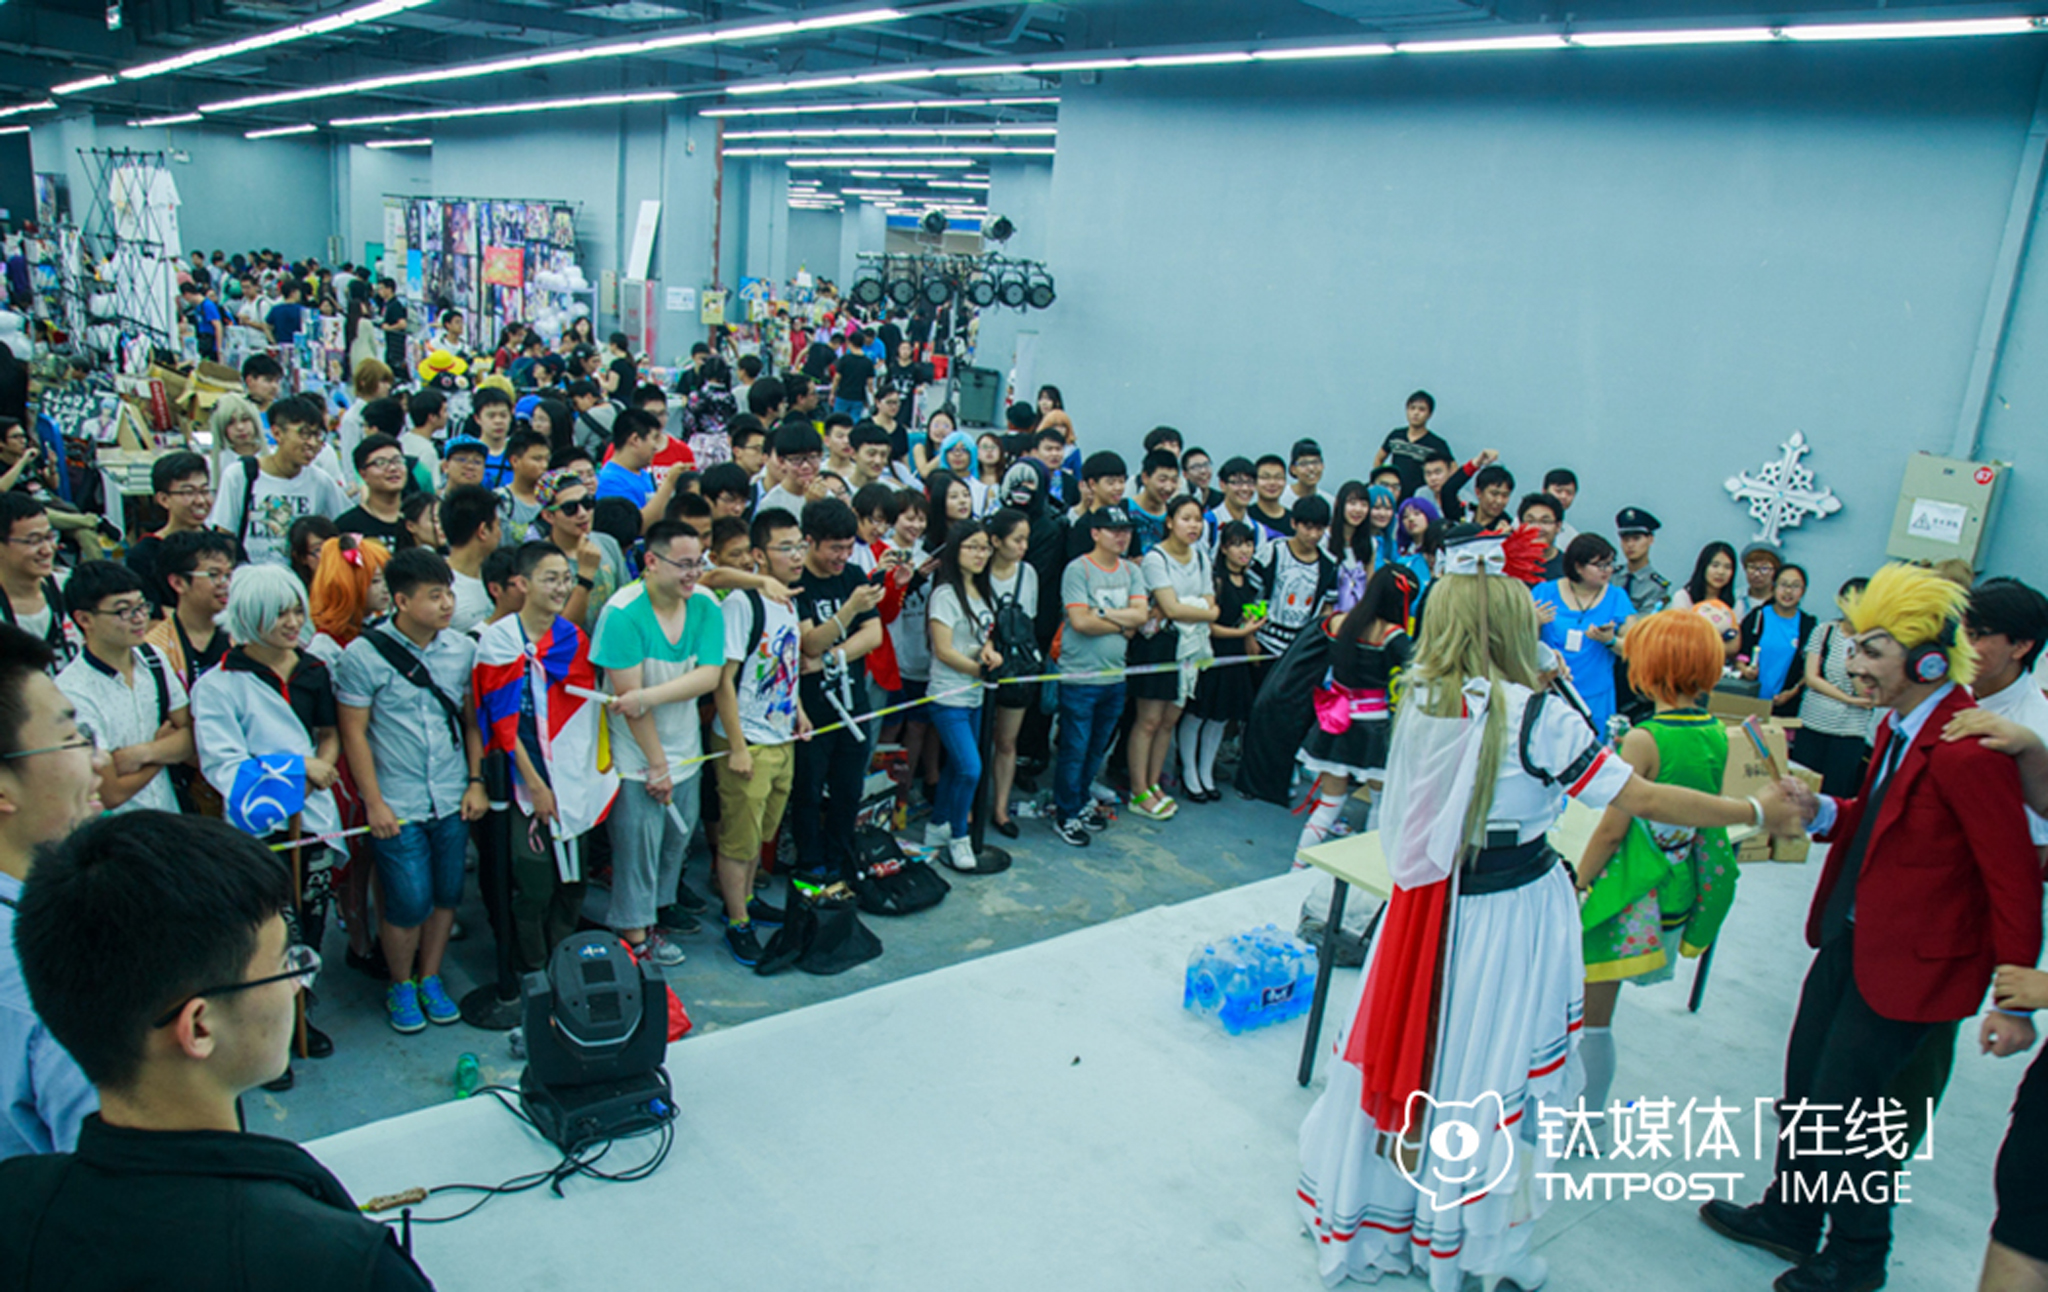 2016年6月10日,北京第一届校际联合漫展,观众在观看一场Cosplay秀。这场漫展吸引了5000多人购票入场,其中90%为95后和00后学生,愿意为二次元文化买单。